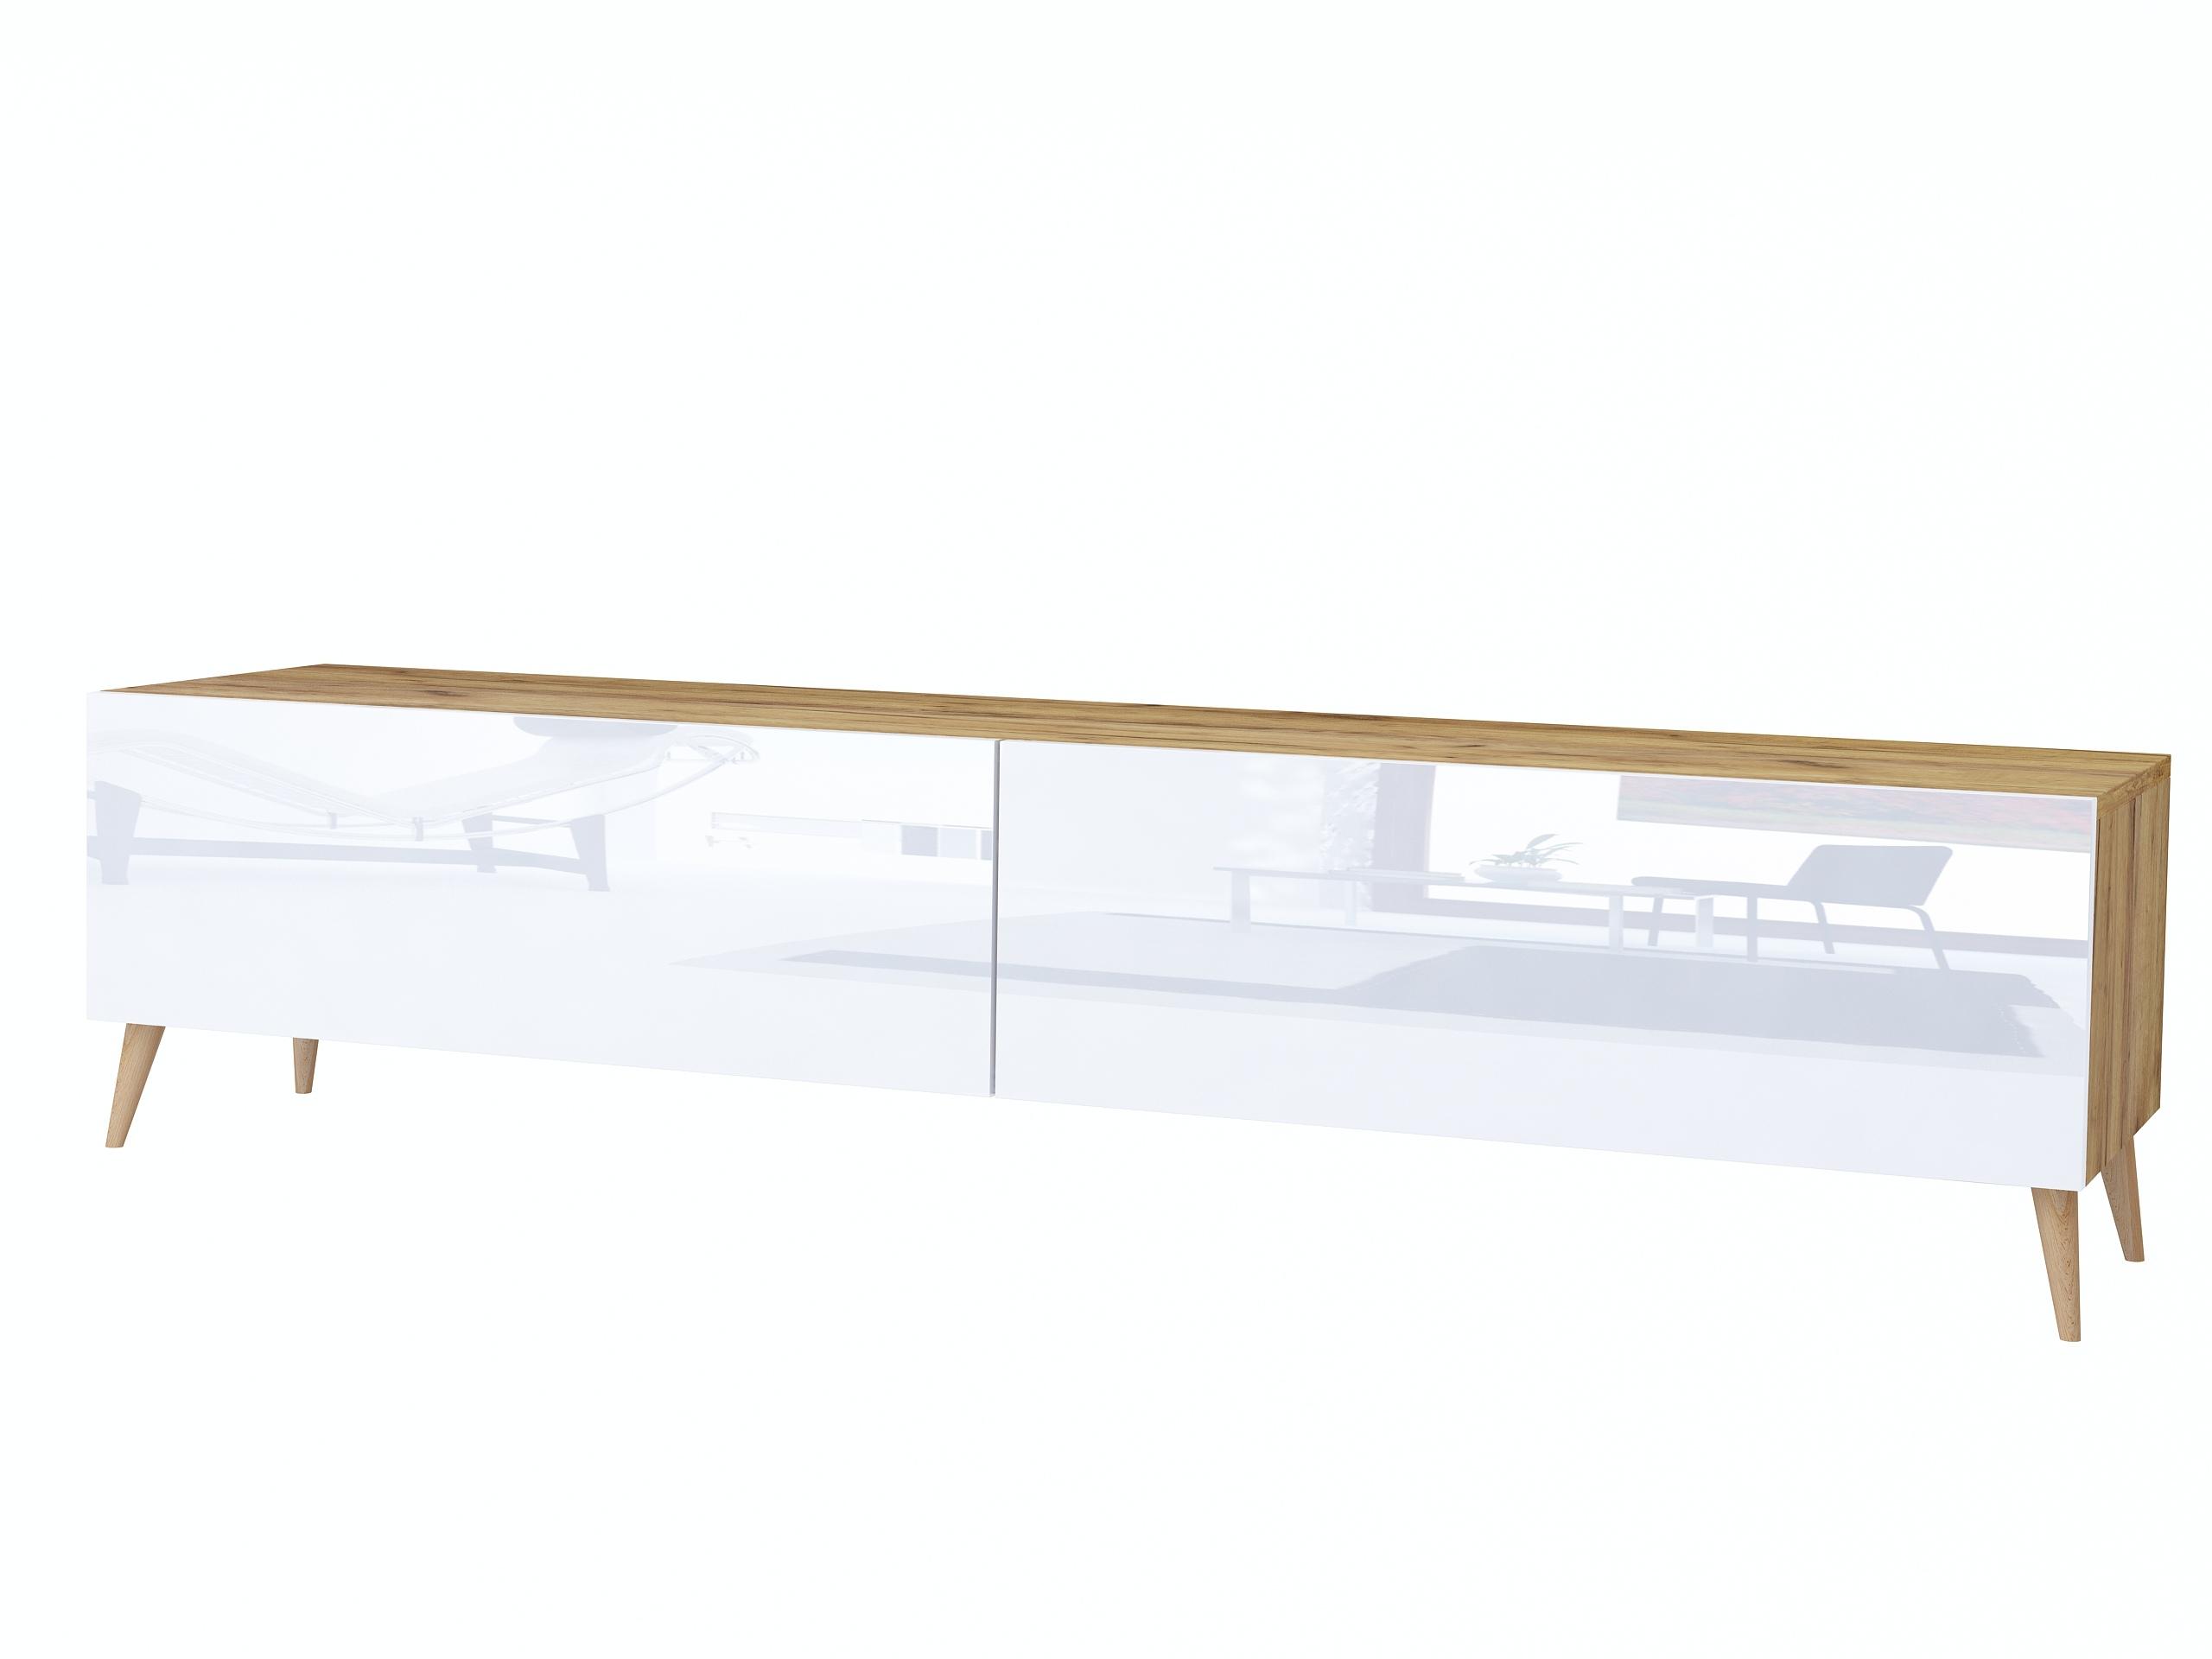 Szafka rtv Scandi Galicja, dąb złoty i biały wysoki połysk